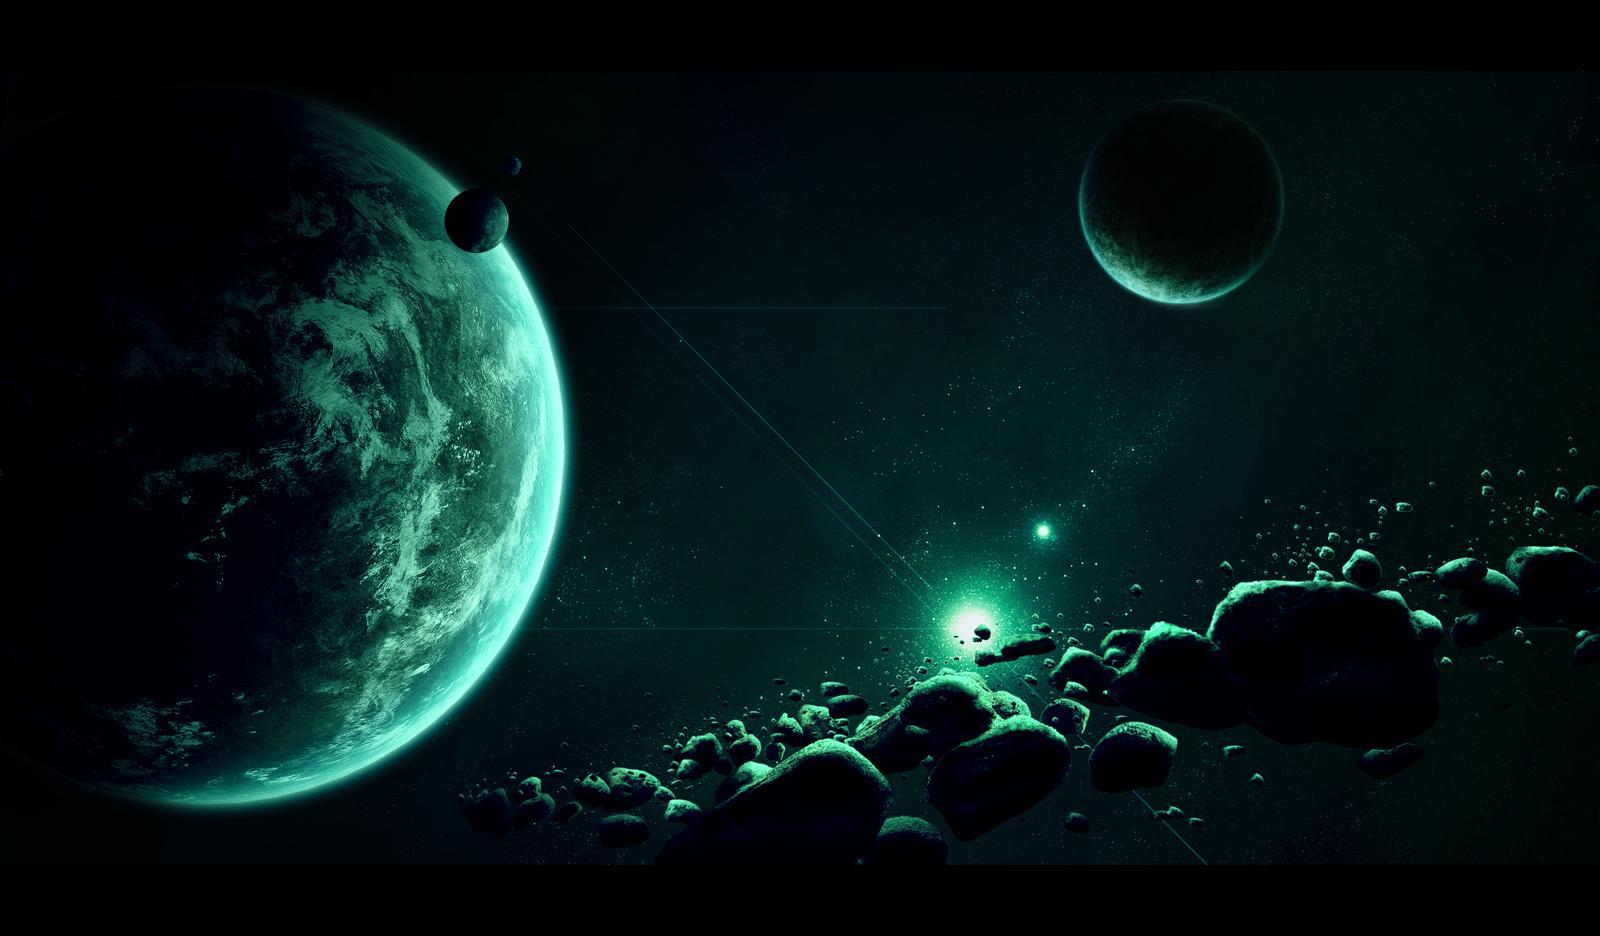 Dark Space Wallpaper: Dark Space Background